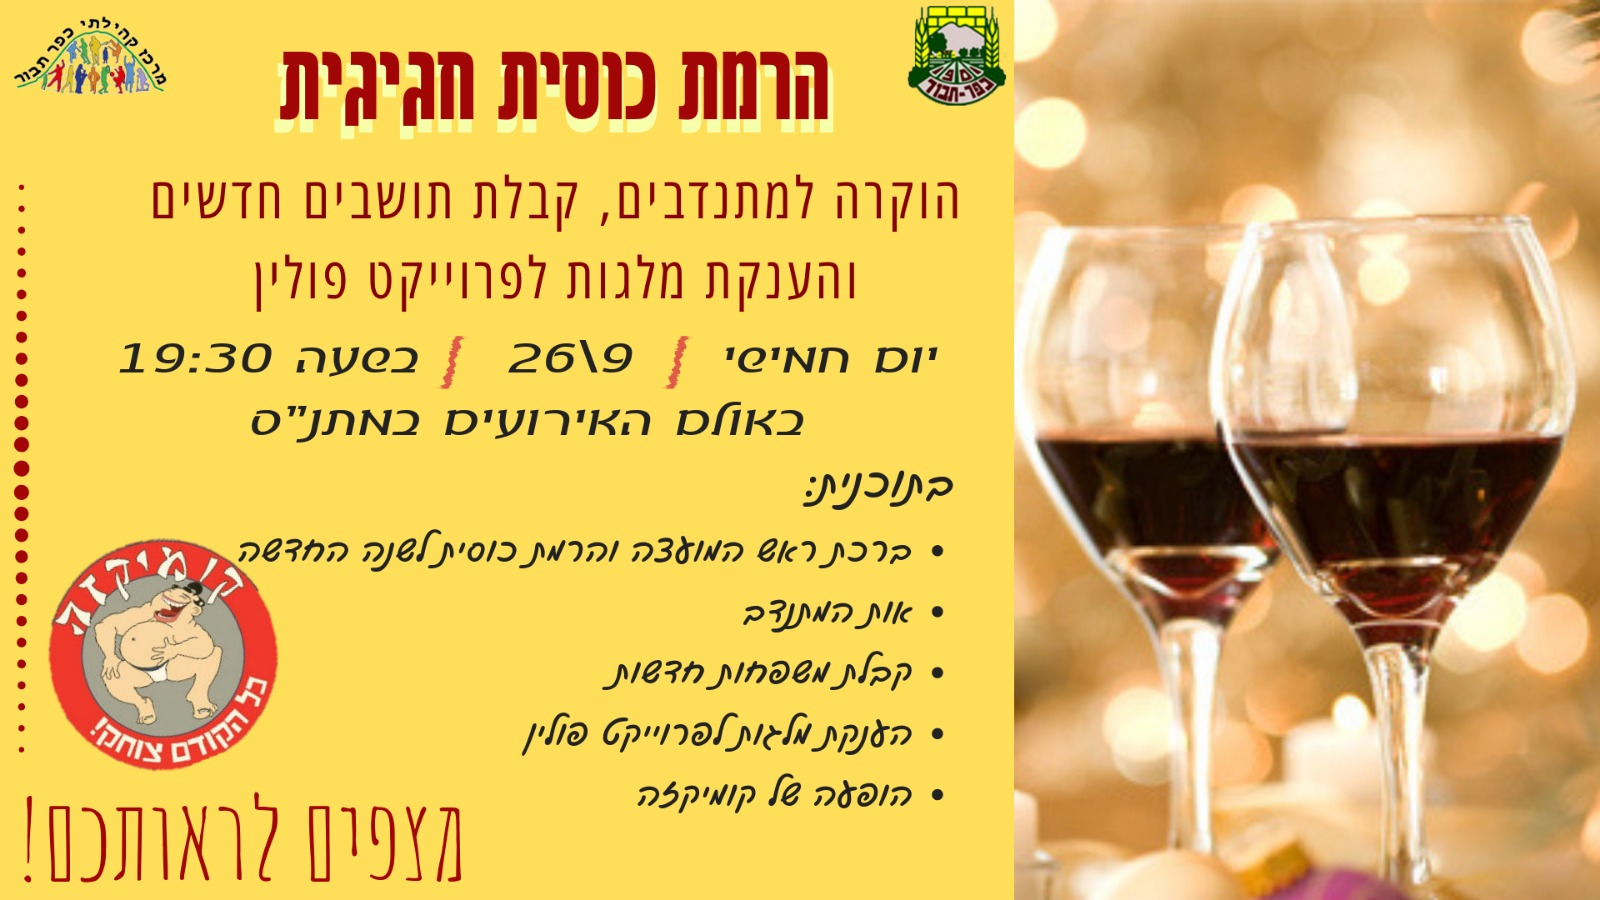 הזמנה להרמת כוסית - מלל נגיש מופיע מעל התמונה